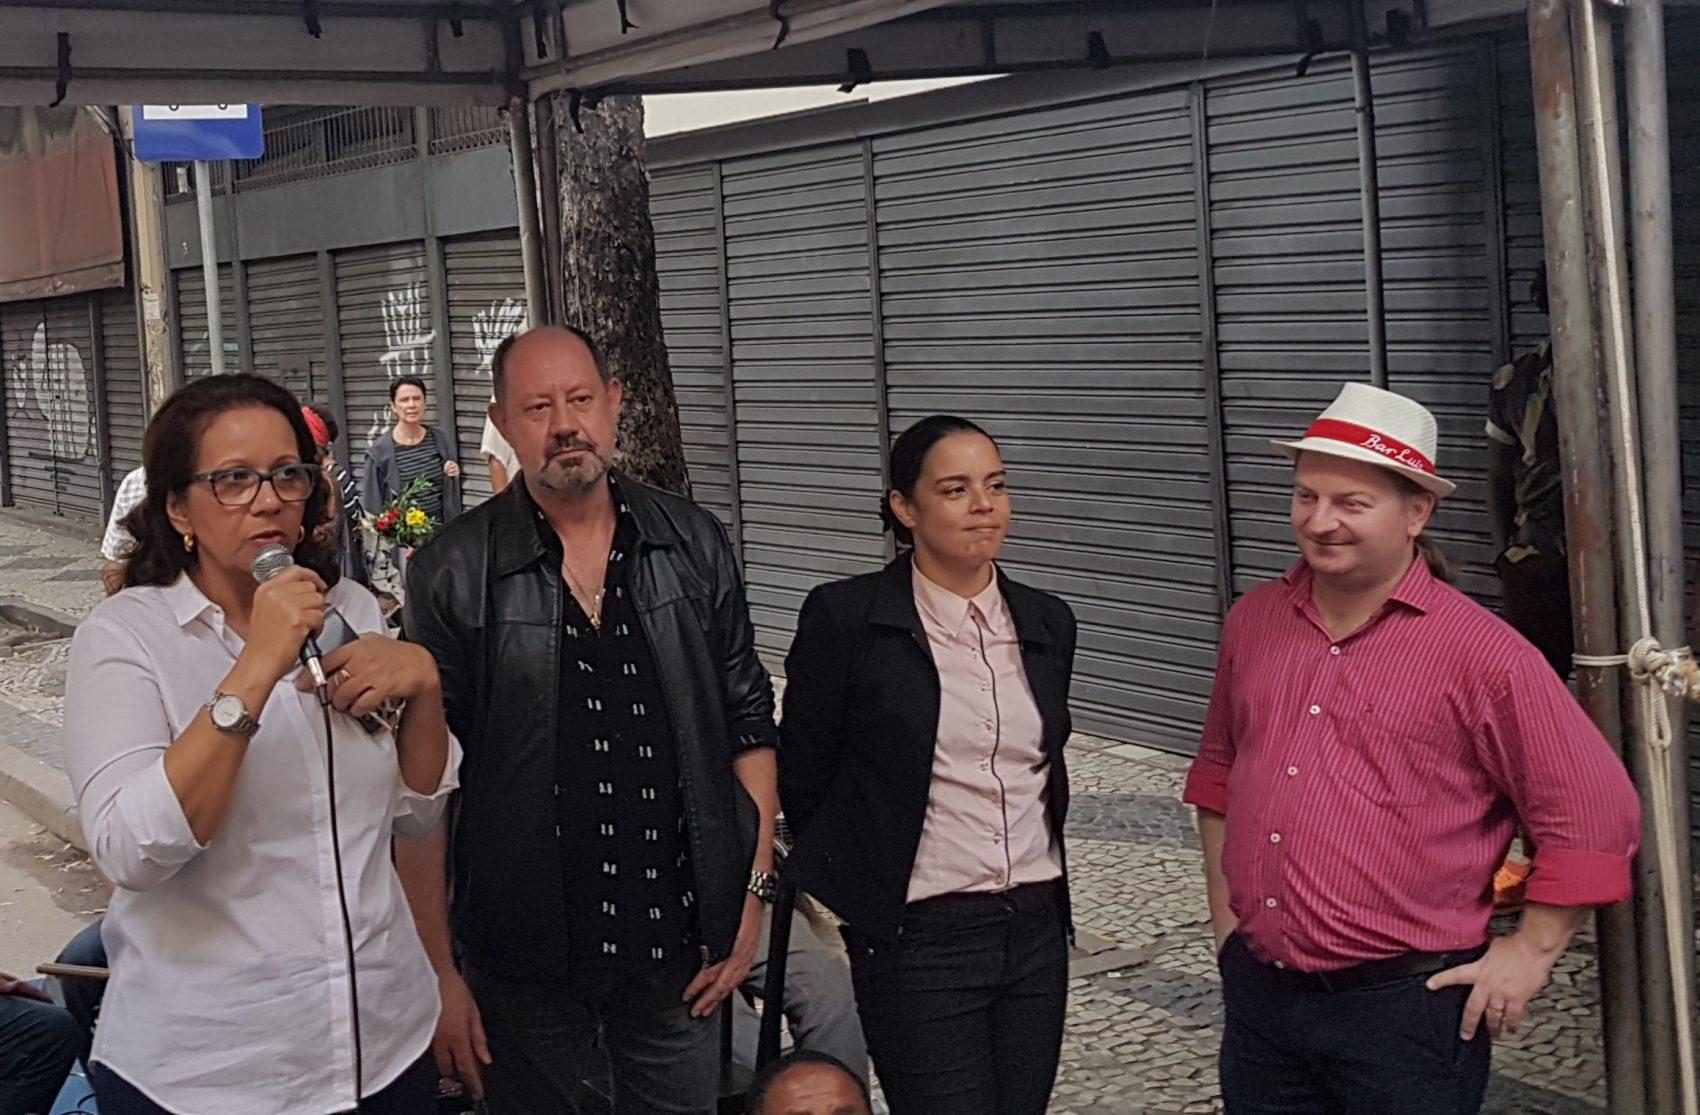 A proprietária Rosana Santos, o interventor Otto, a pioneira Eunice e Astor: mutirão pela permanência do Bar Luiz (Foto: Oscar Valporto)